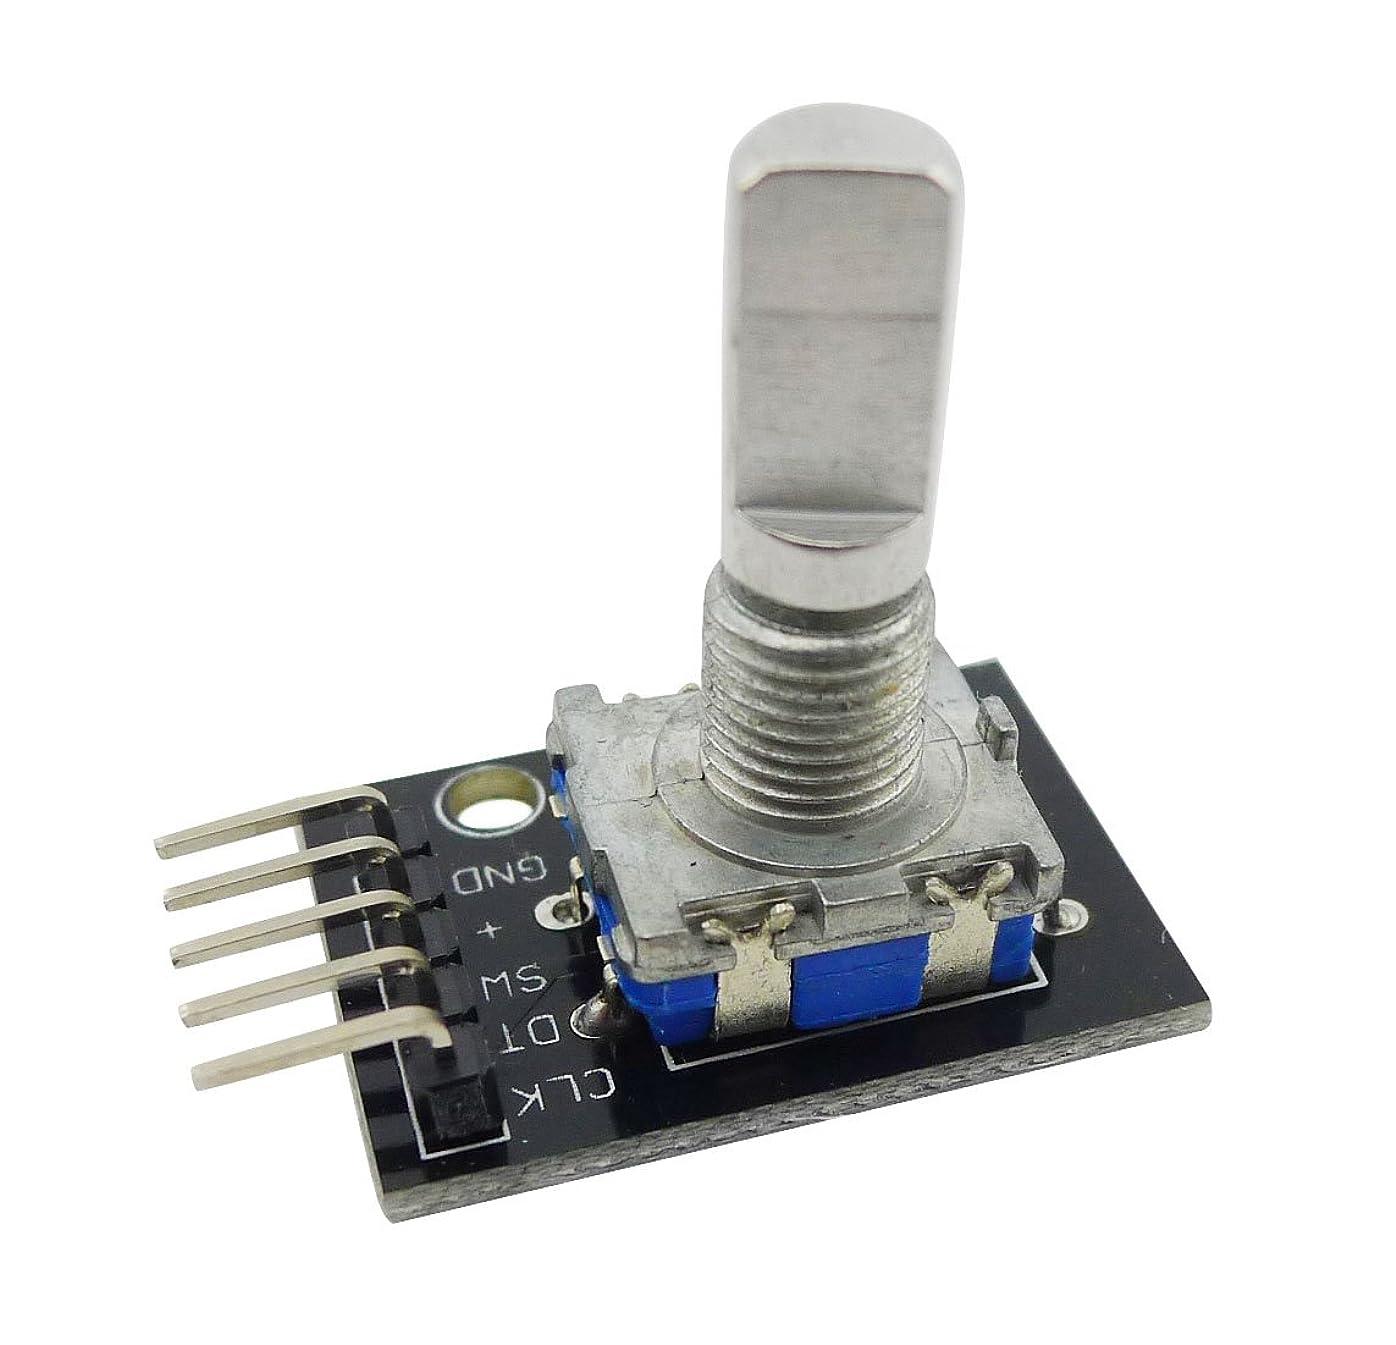 バース波記事EasyWordMall Arduino AVR PIC Raspberry Piラズベリー 360度 5V ロータリ ロータリー エンコーダ·モジュール